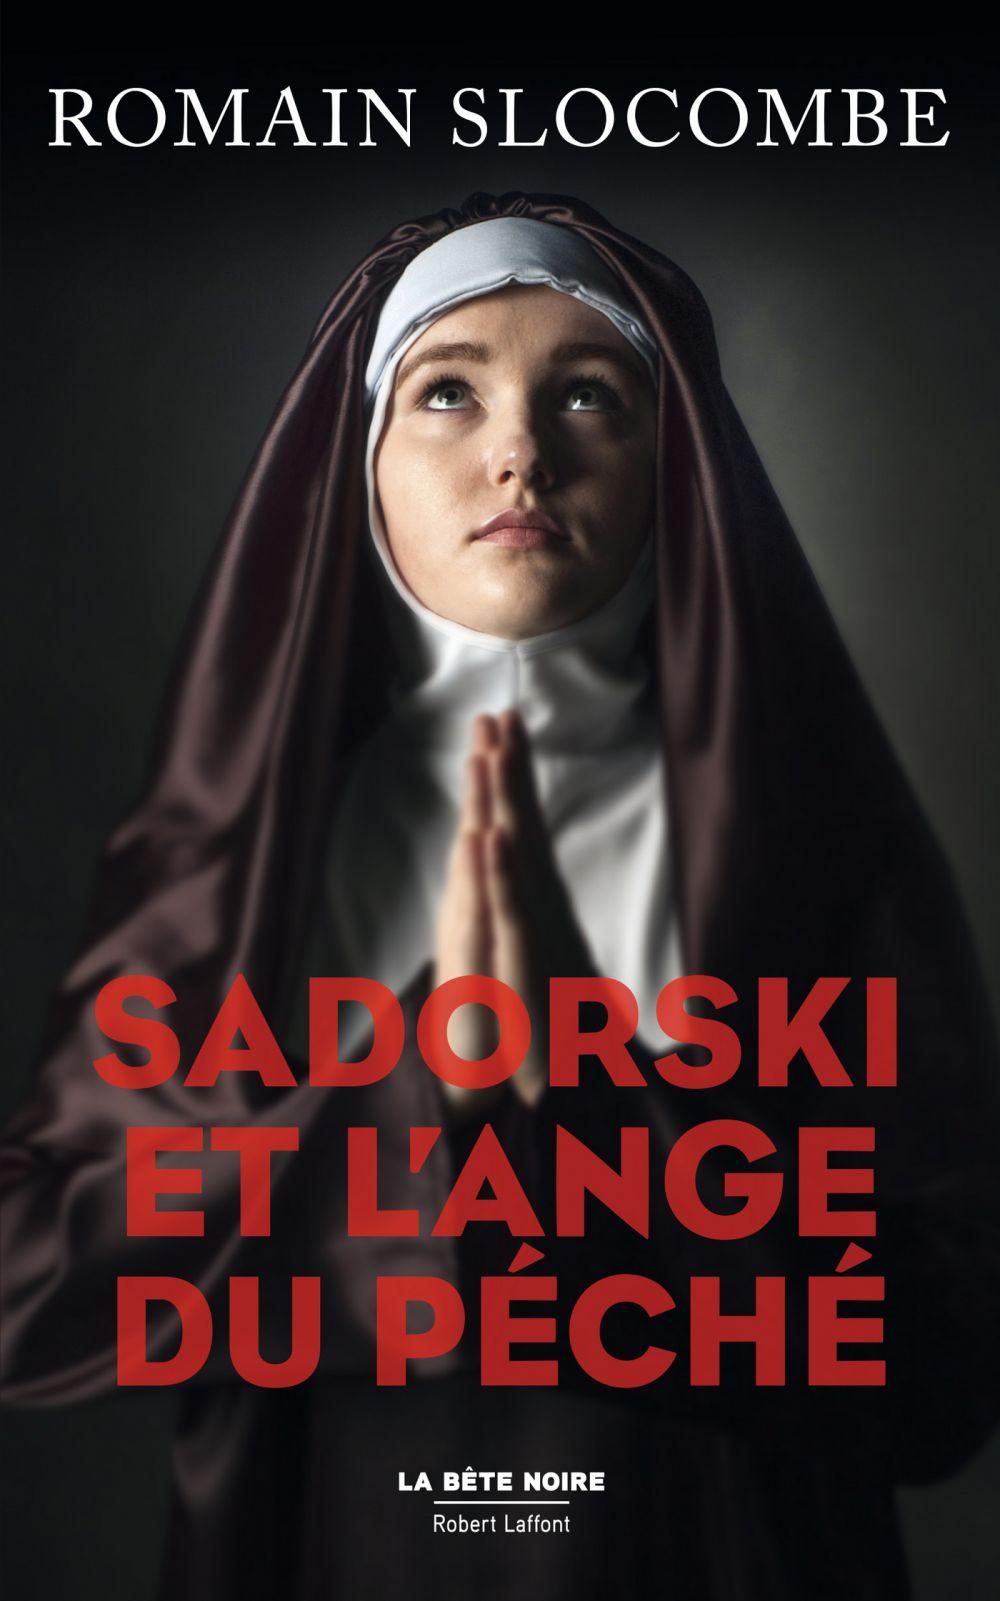 Sadorski et l'ange du péché | SLOCOMBE, Romain